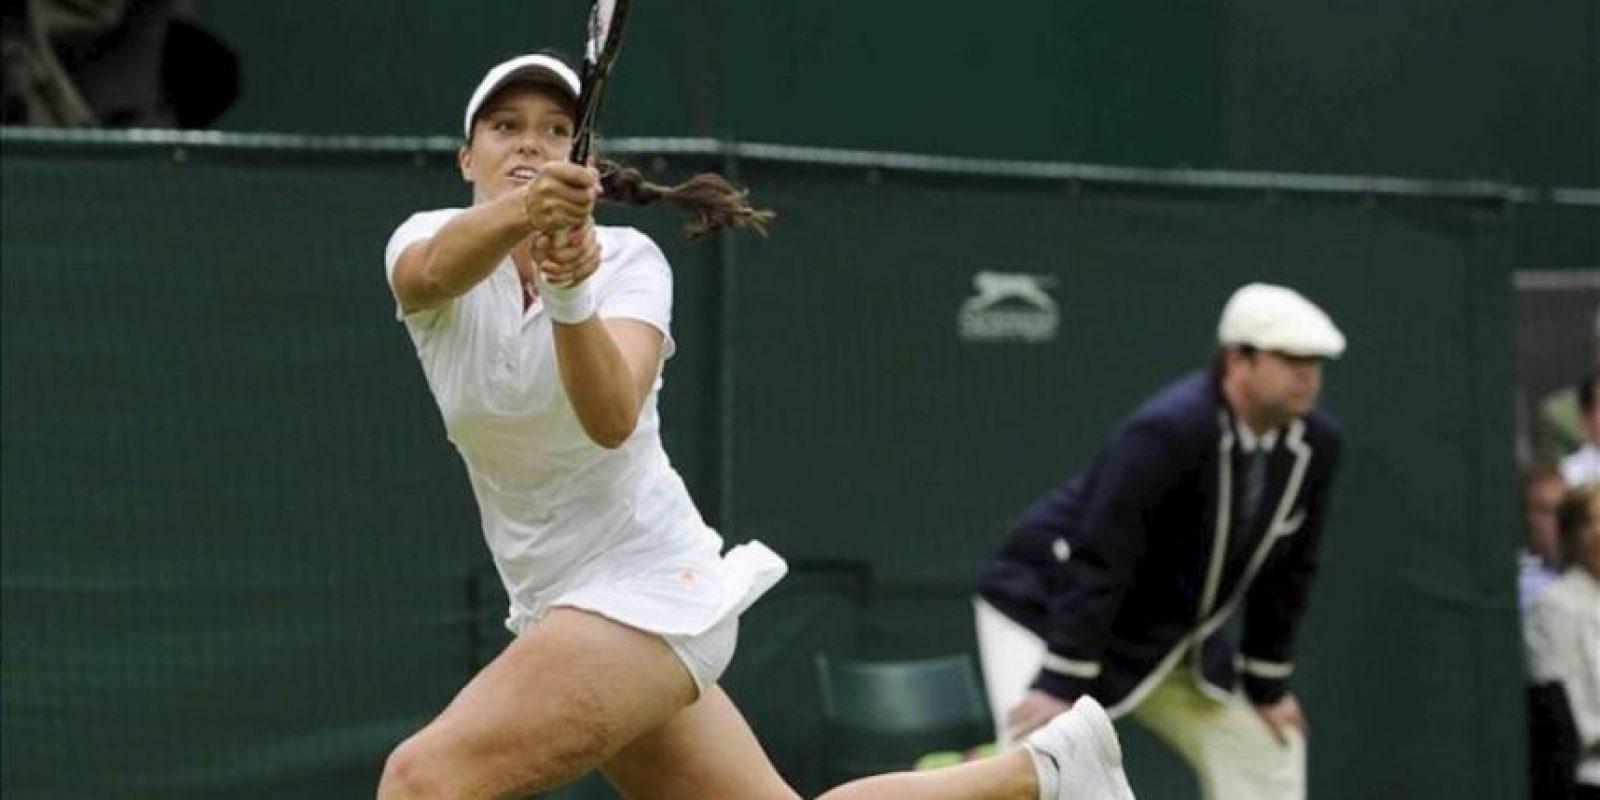 La tenista británica Laura Robson durante un partido de segunda ronda del torneo de tenis de Wimbledon. EFE